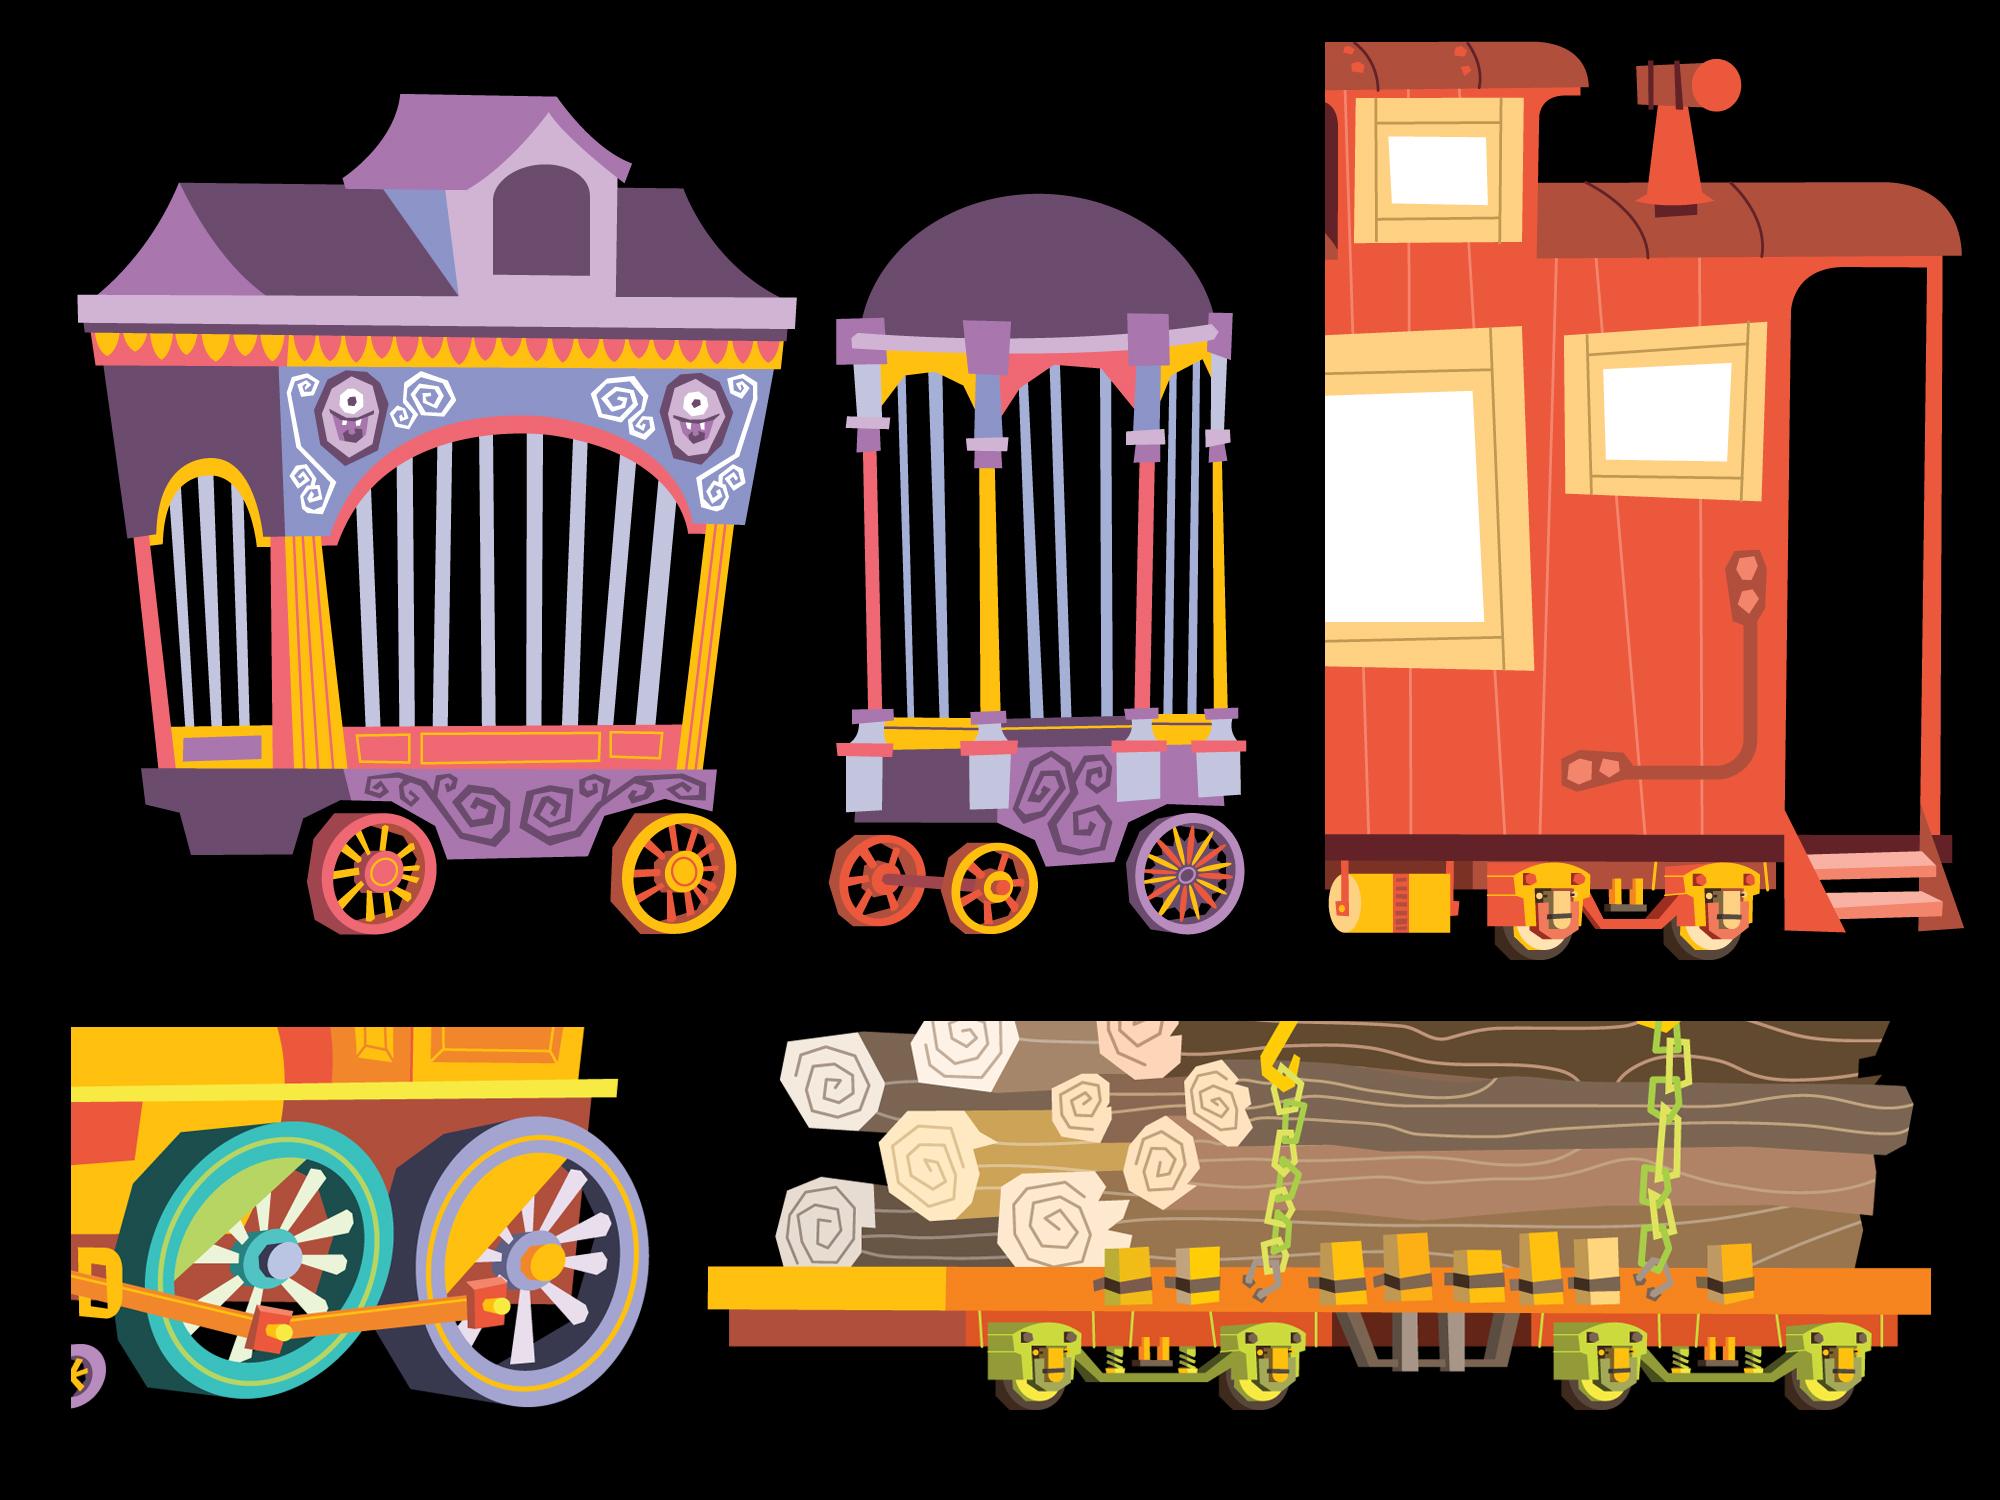 Train details